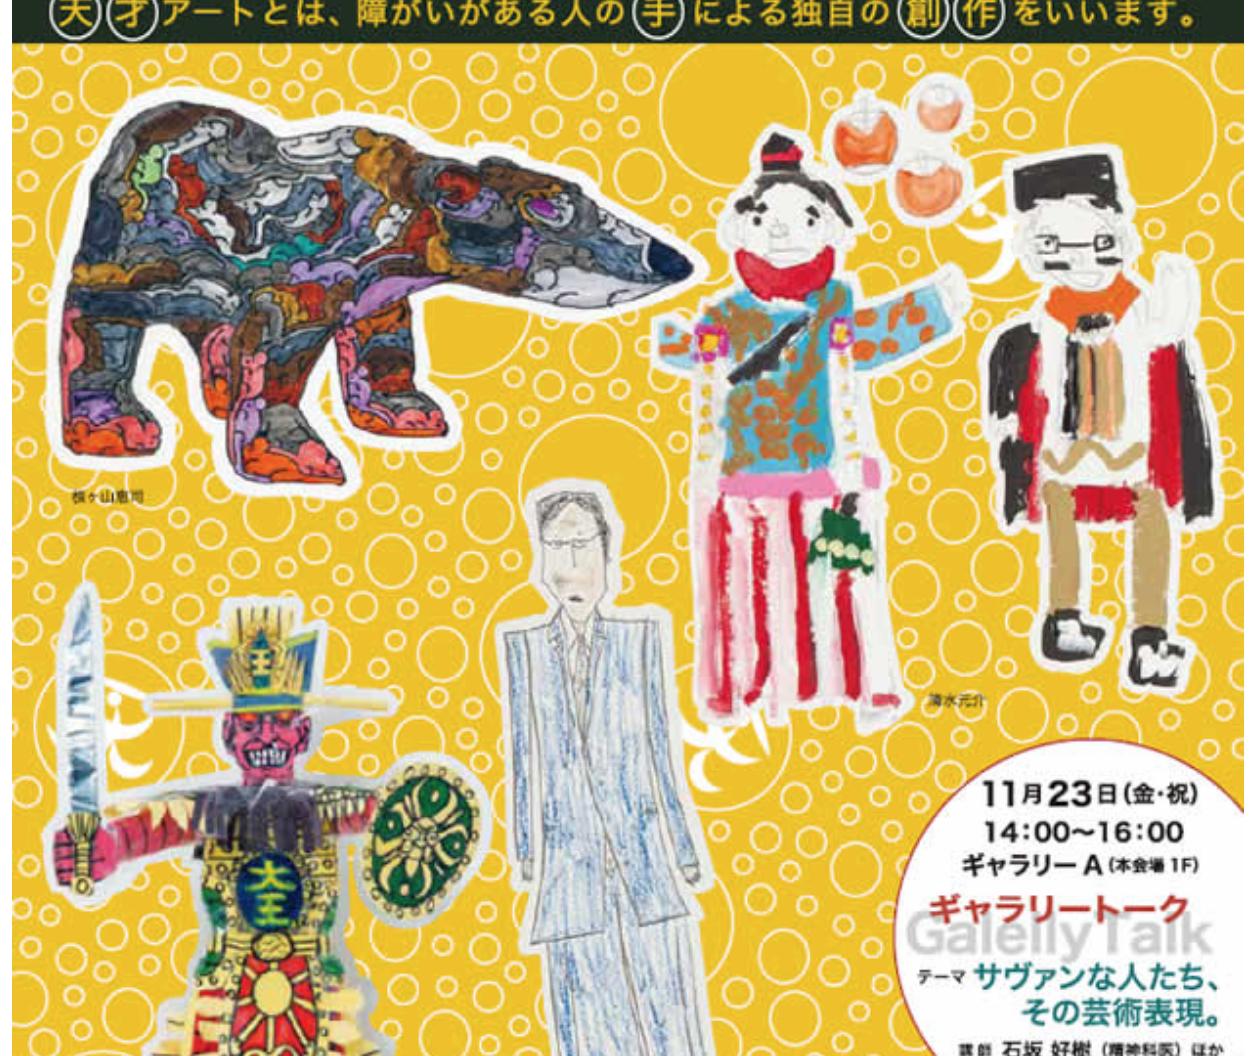 第7回 天才アート展2018